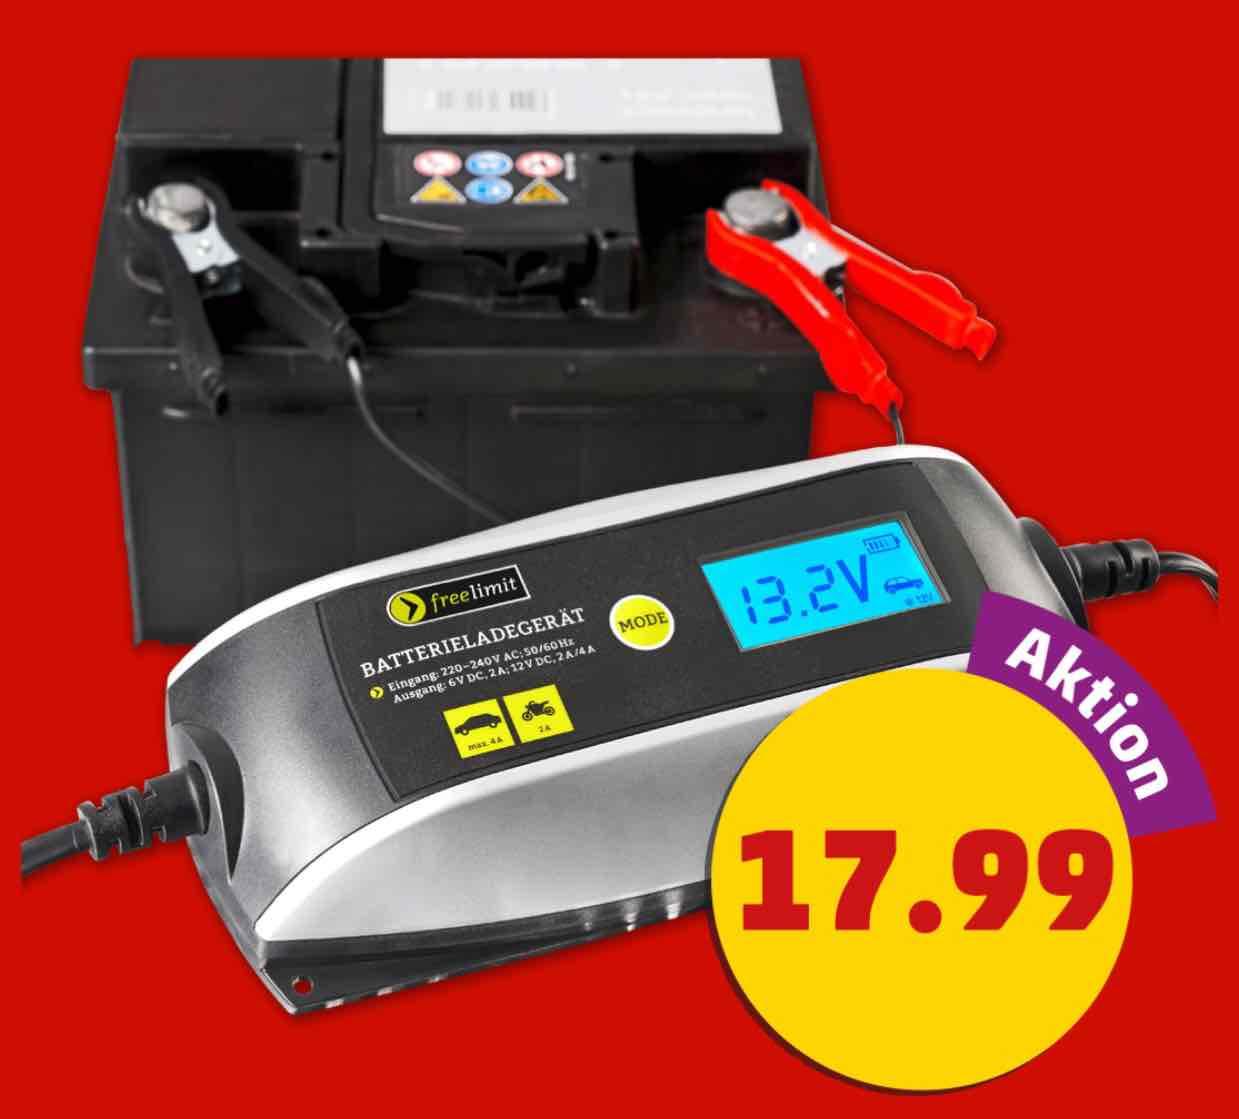 PENNY Intelligentes KFZ/Motorrad Batterieladegerät LC-Display 6V/12V bis 4A Ladestrom 17,99€